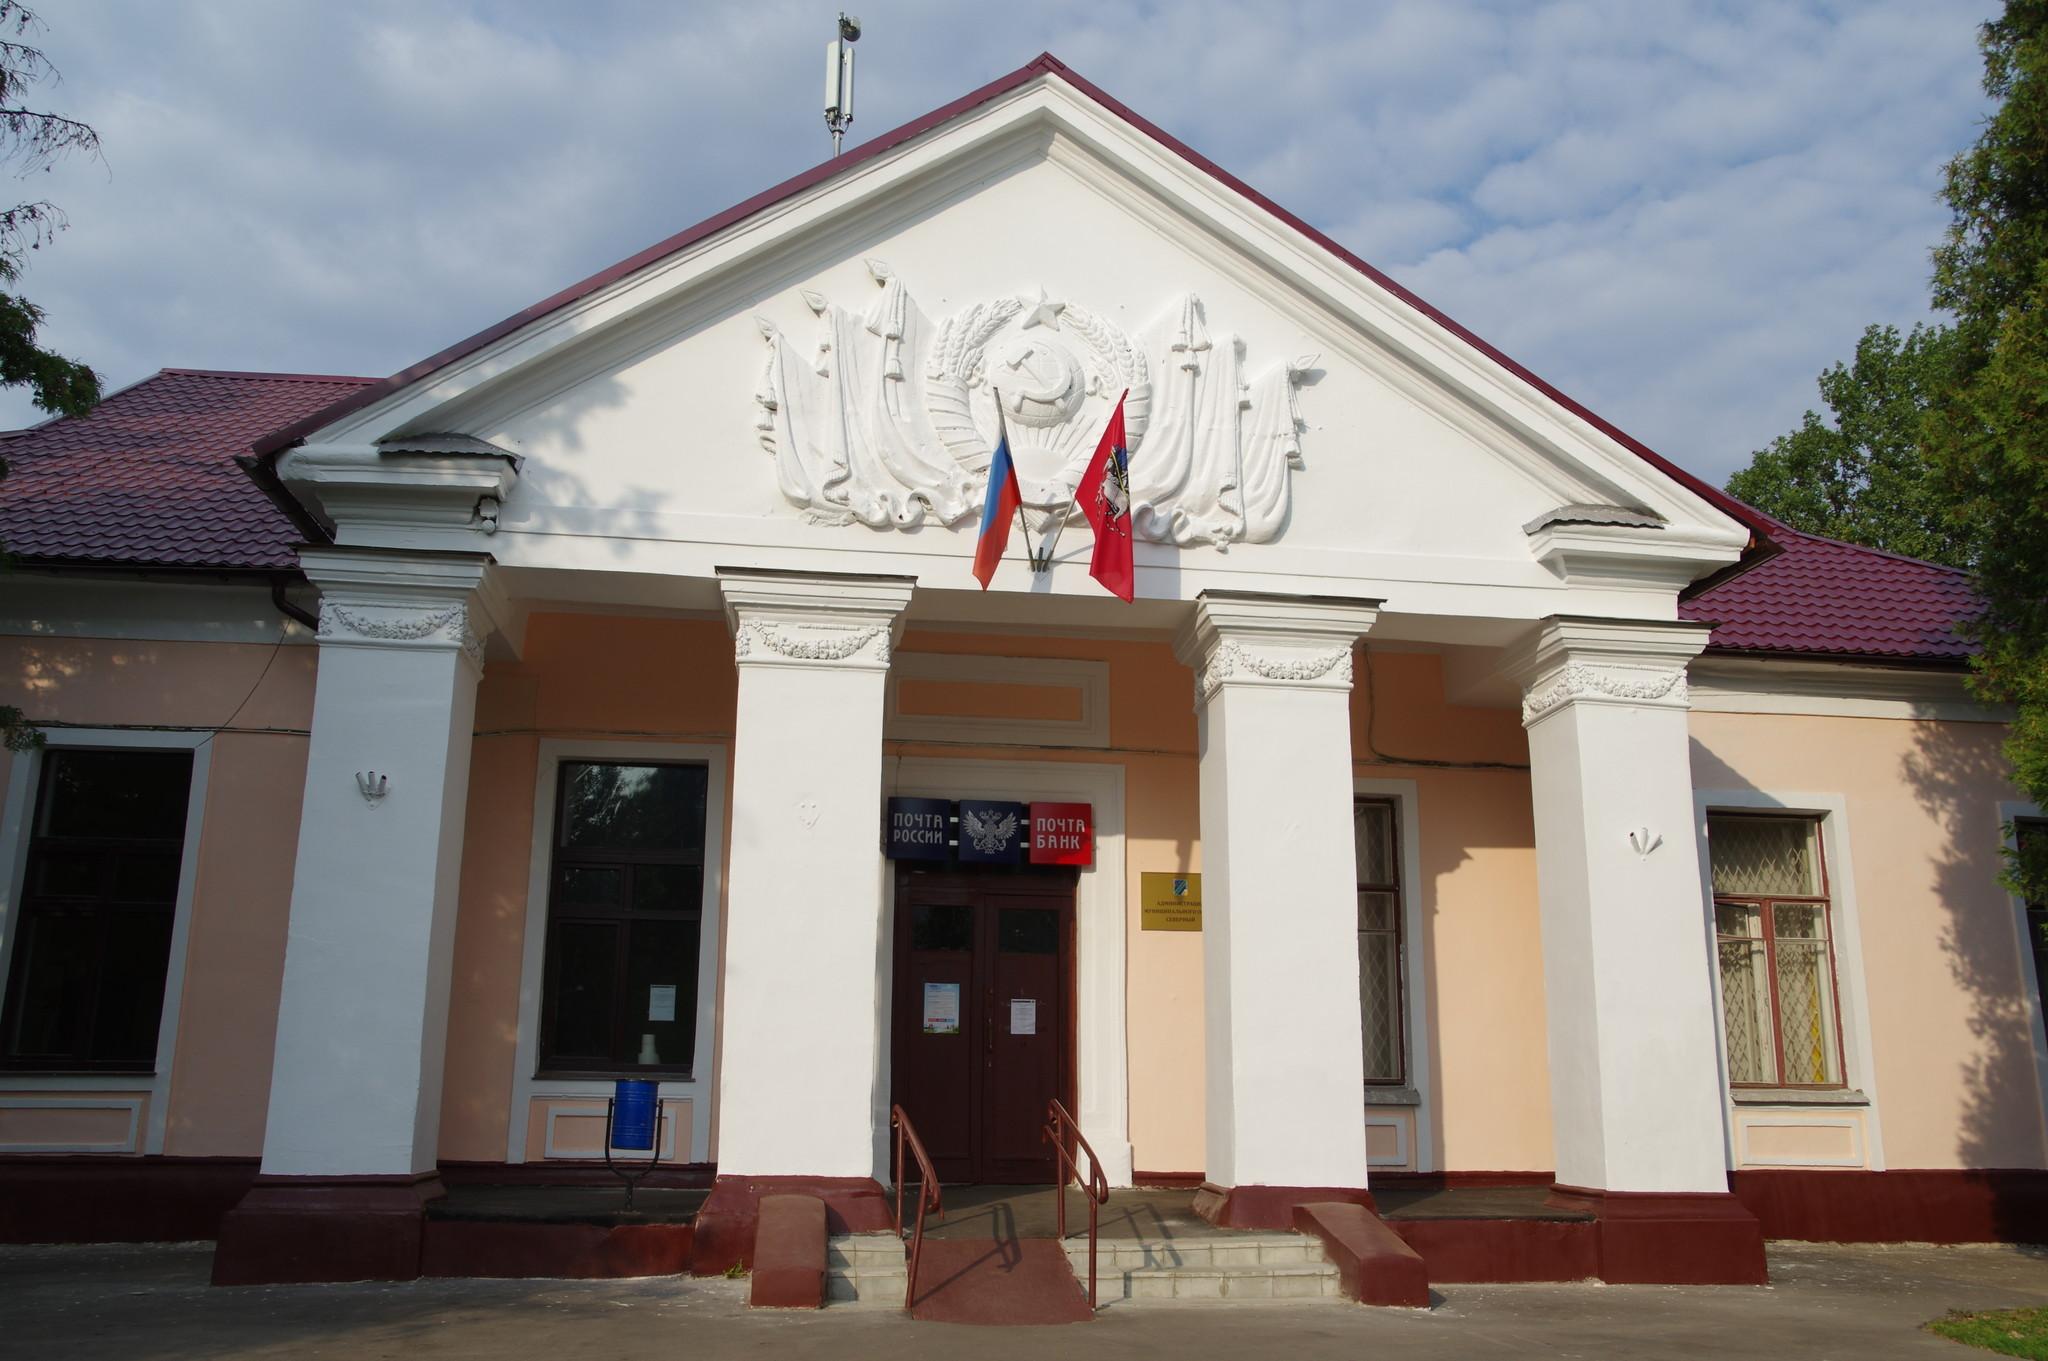 Отделение почтовой связи Москва 127204 (3-я Северная линия, дом 18)